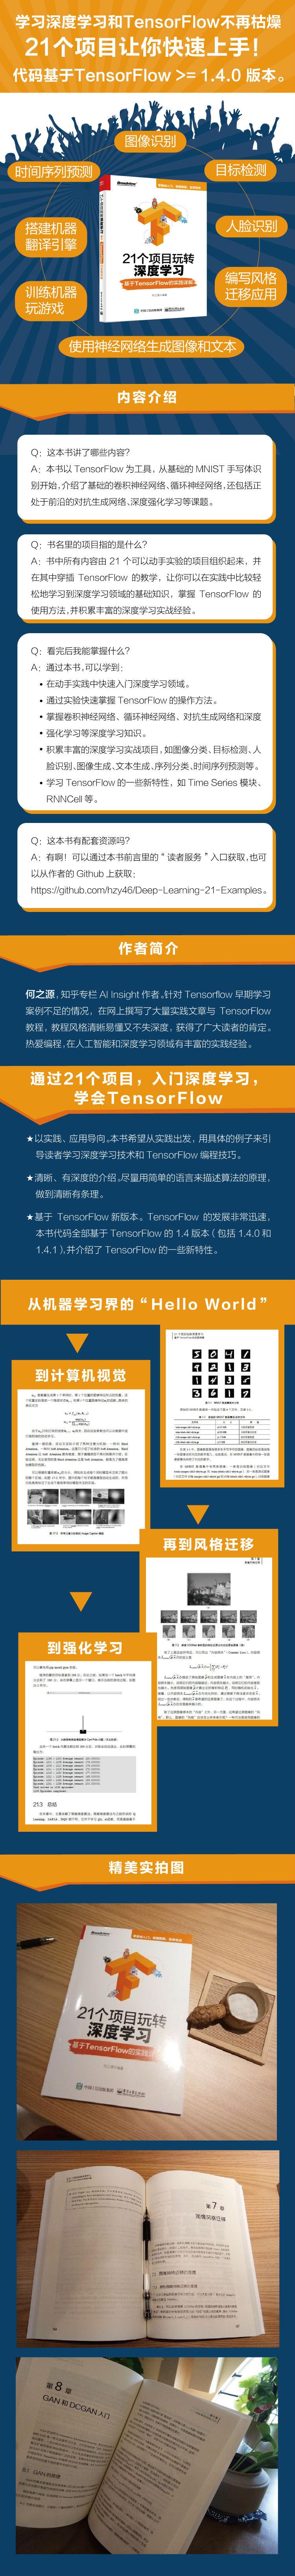 [荐书]《21个项目玩转深度学习_基于Tensorflow的实践详解》高清完整版下载